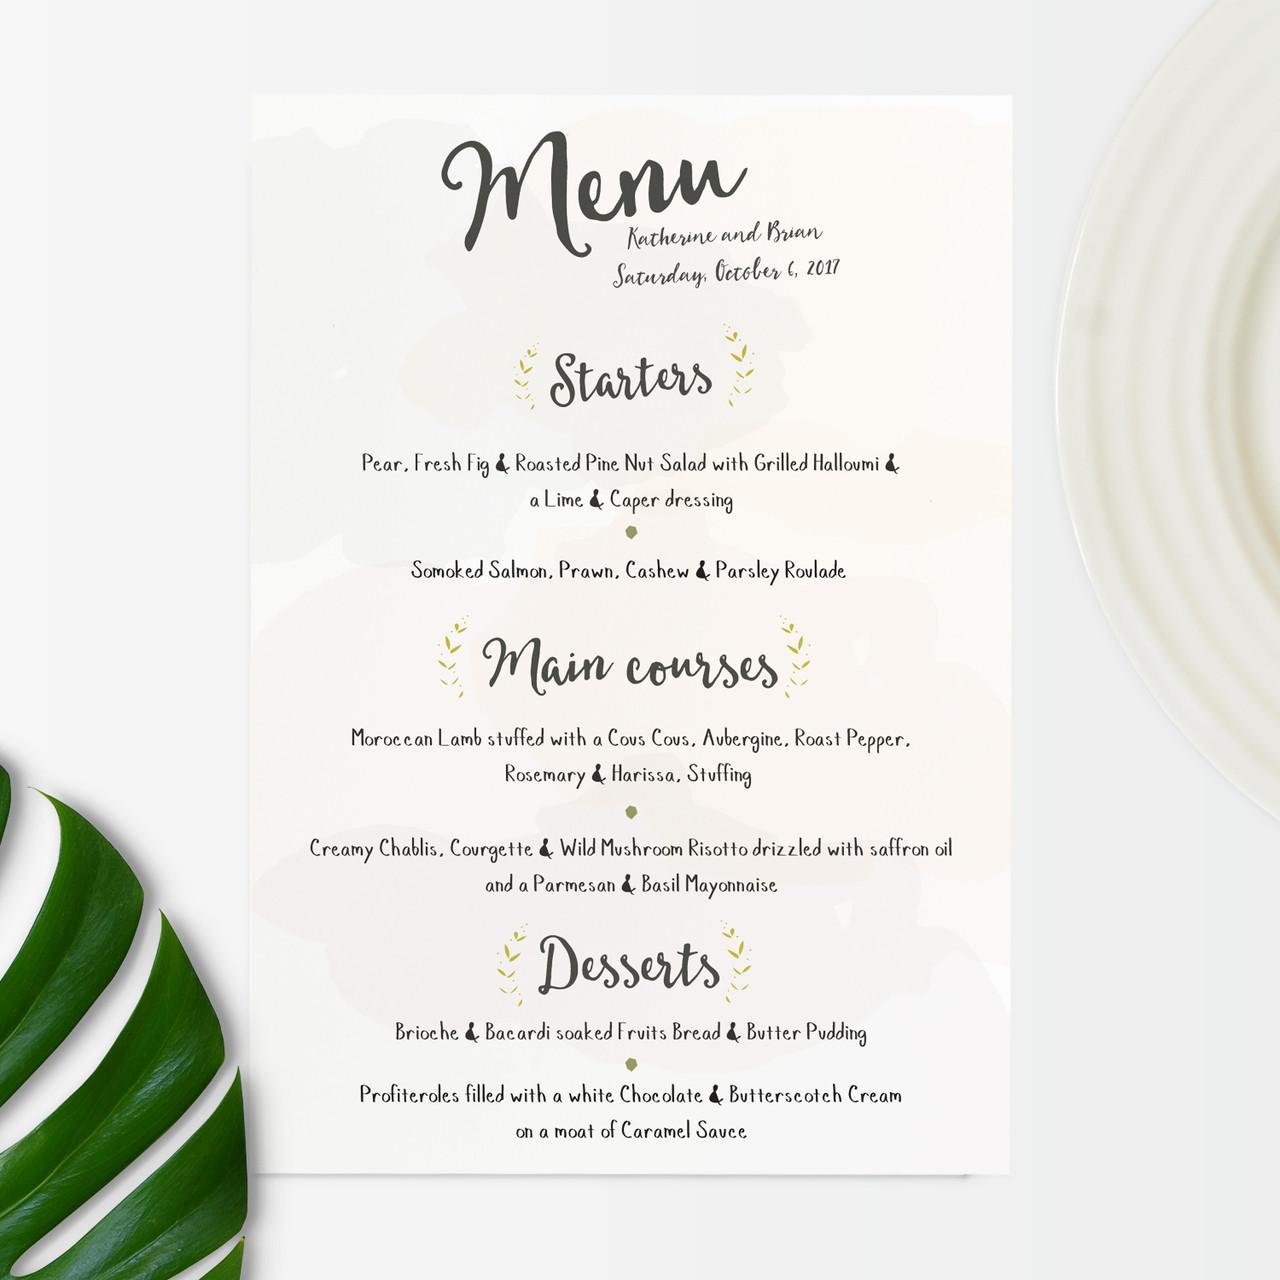 Wedding menu floral set holly francesca floral wedding invitation junglespirit Images